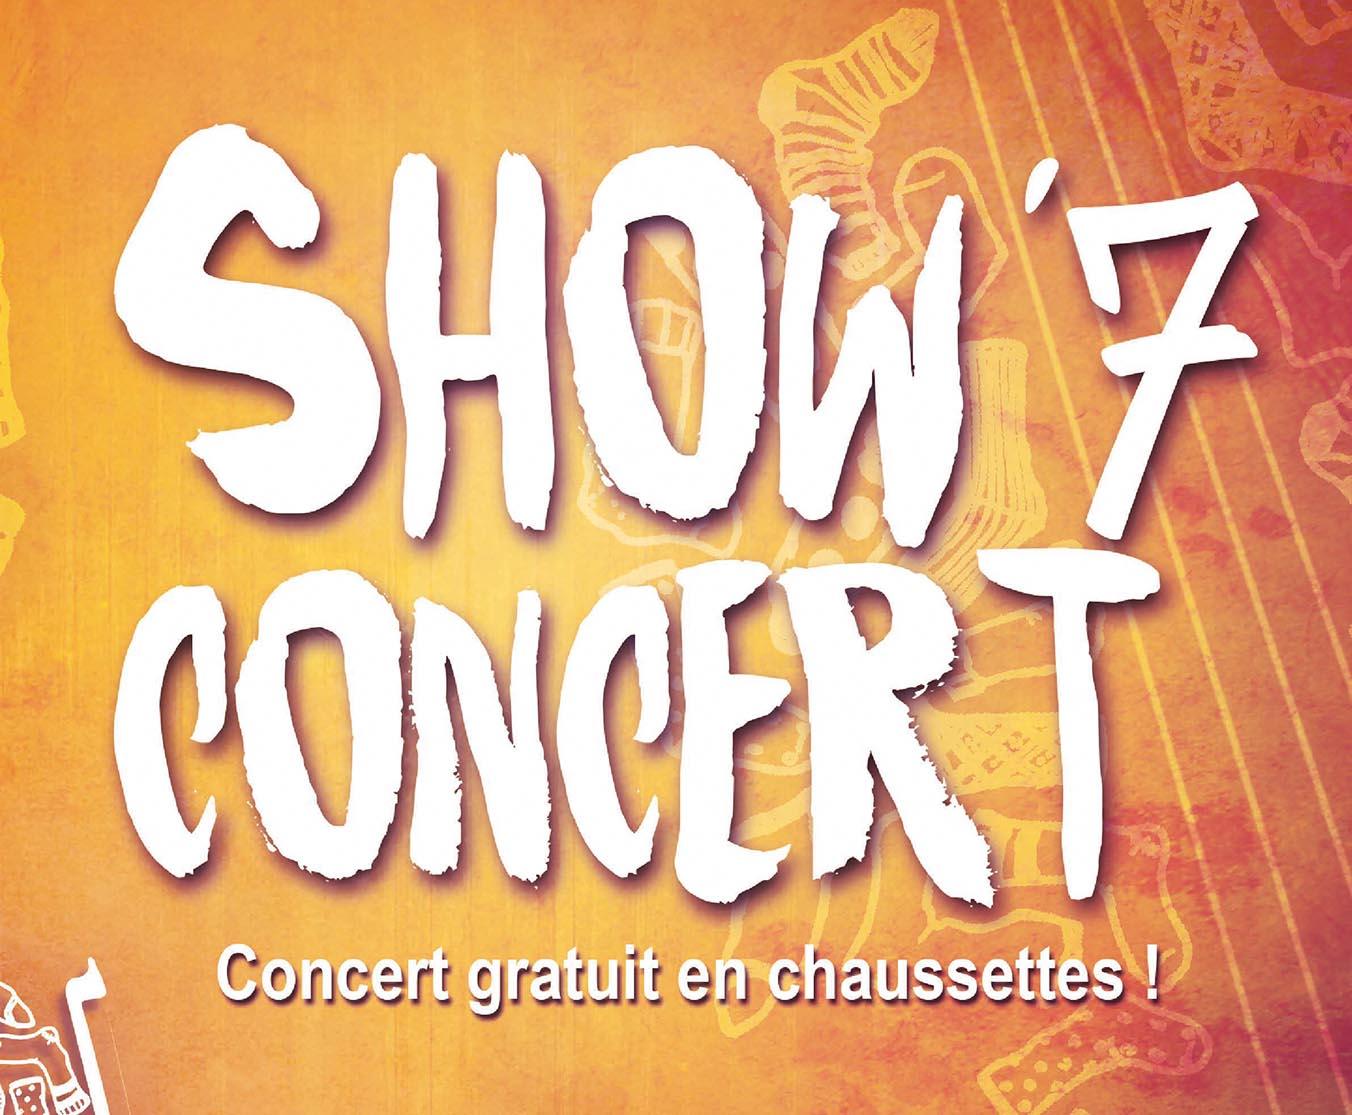 show7 concert 2016 carré